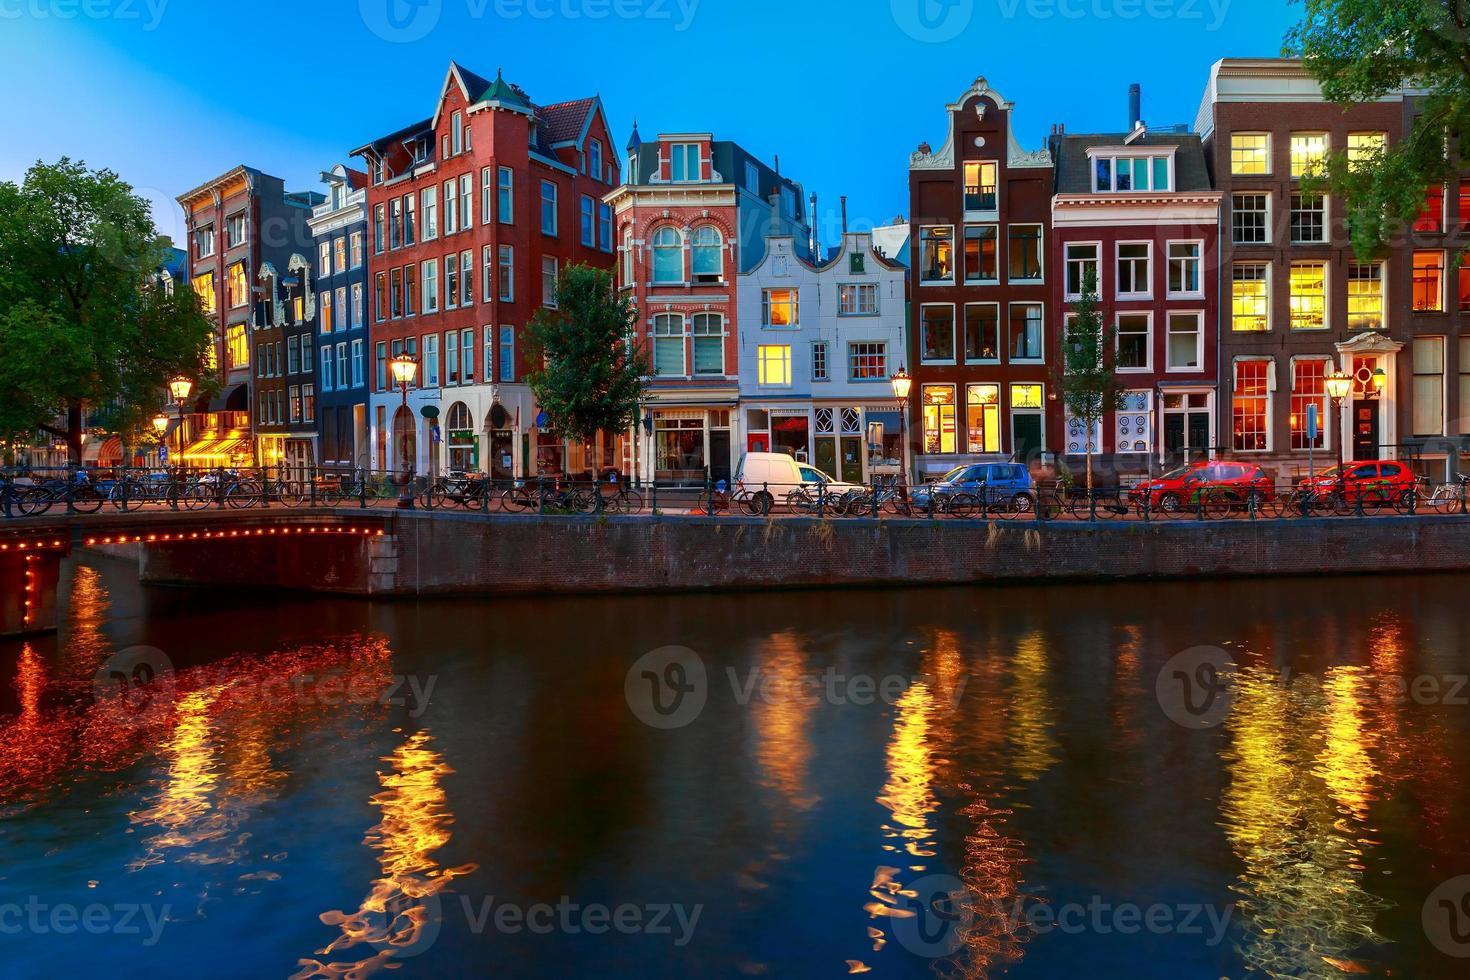 nacht uitzicht op de stad van Amsterdamse gracht met Nederlandse huizen foto